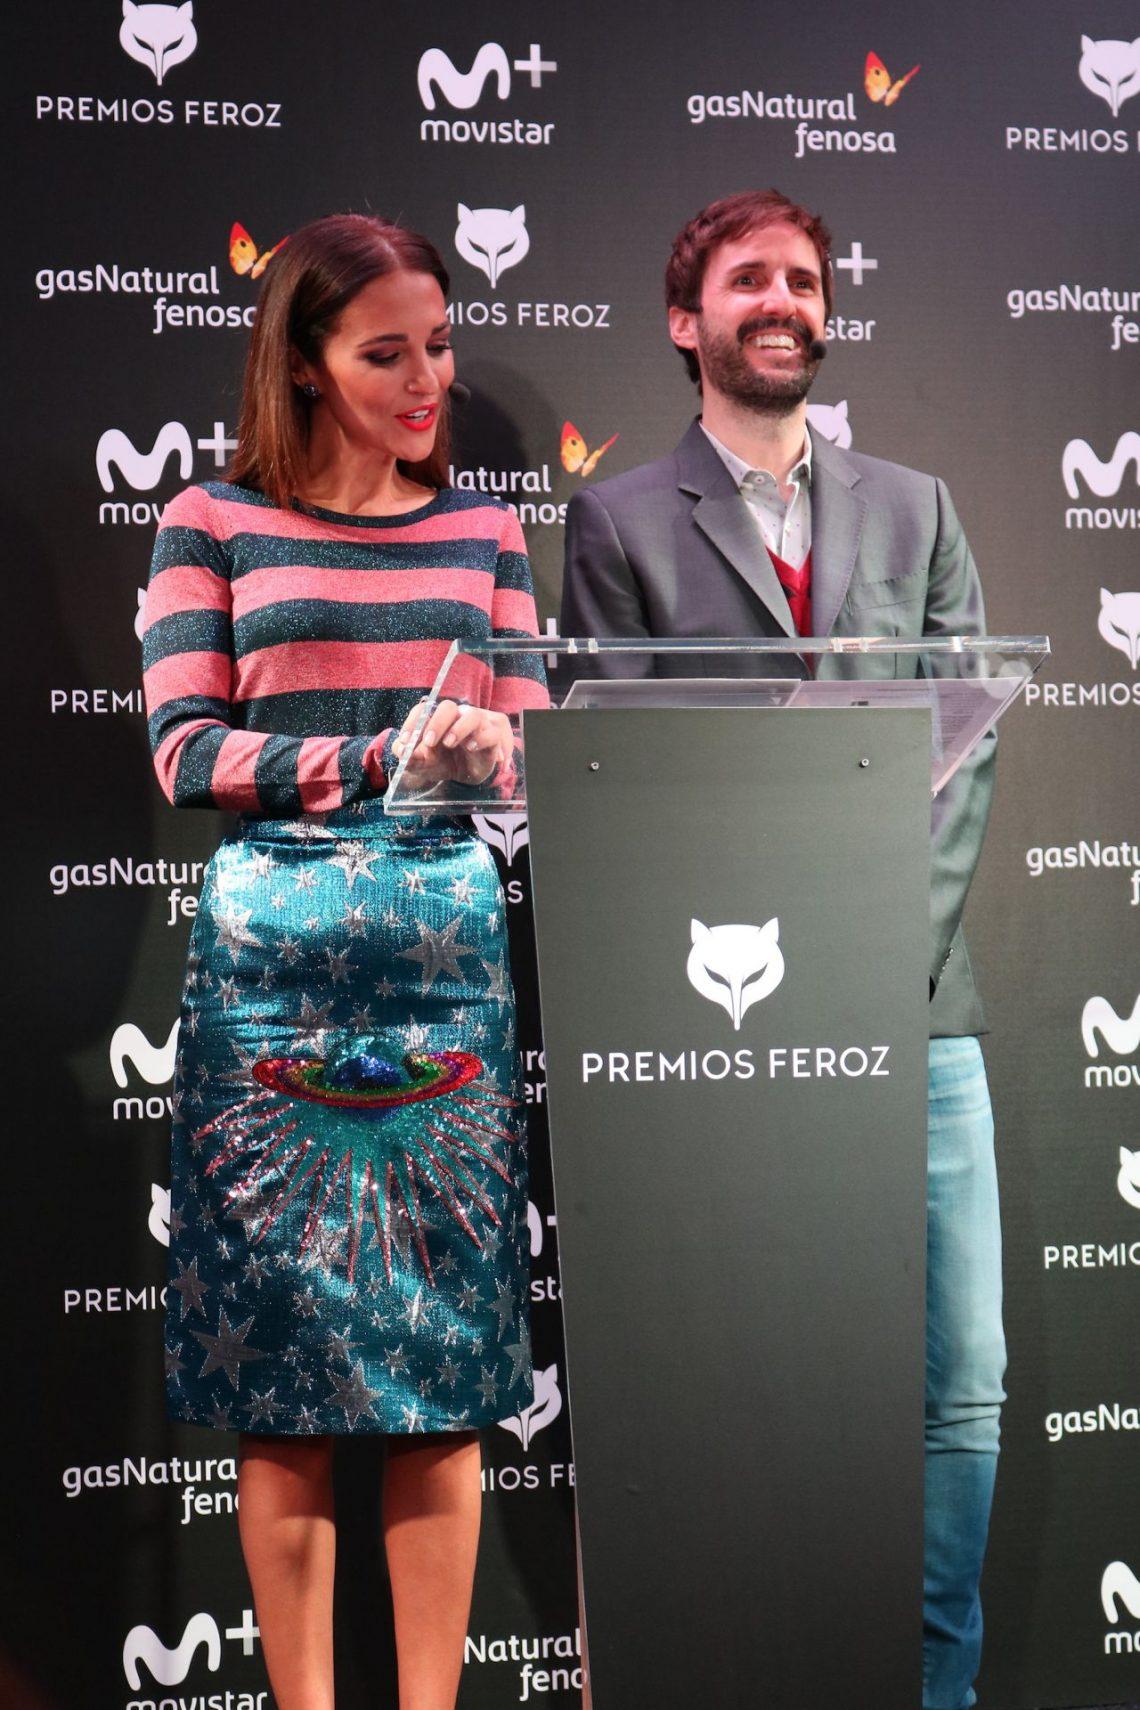 'La llamada', 'El ministerio del tiempo' o 'Sé quién eres' parten como favoritas en los Premios Feroz 2018